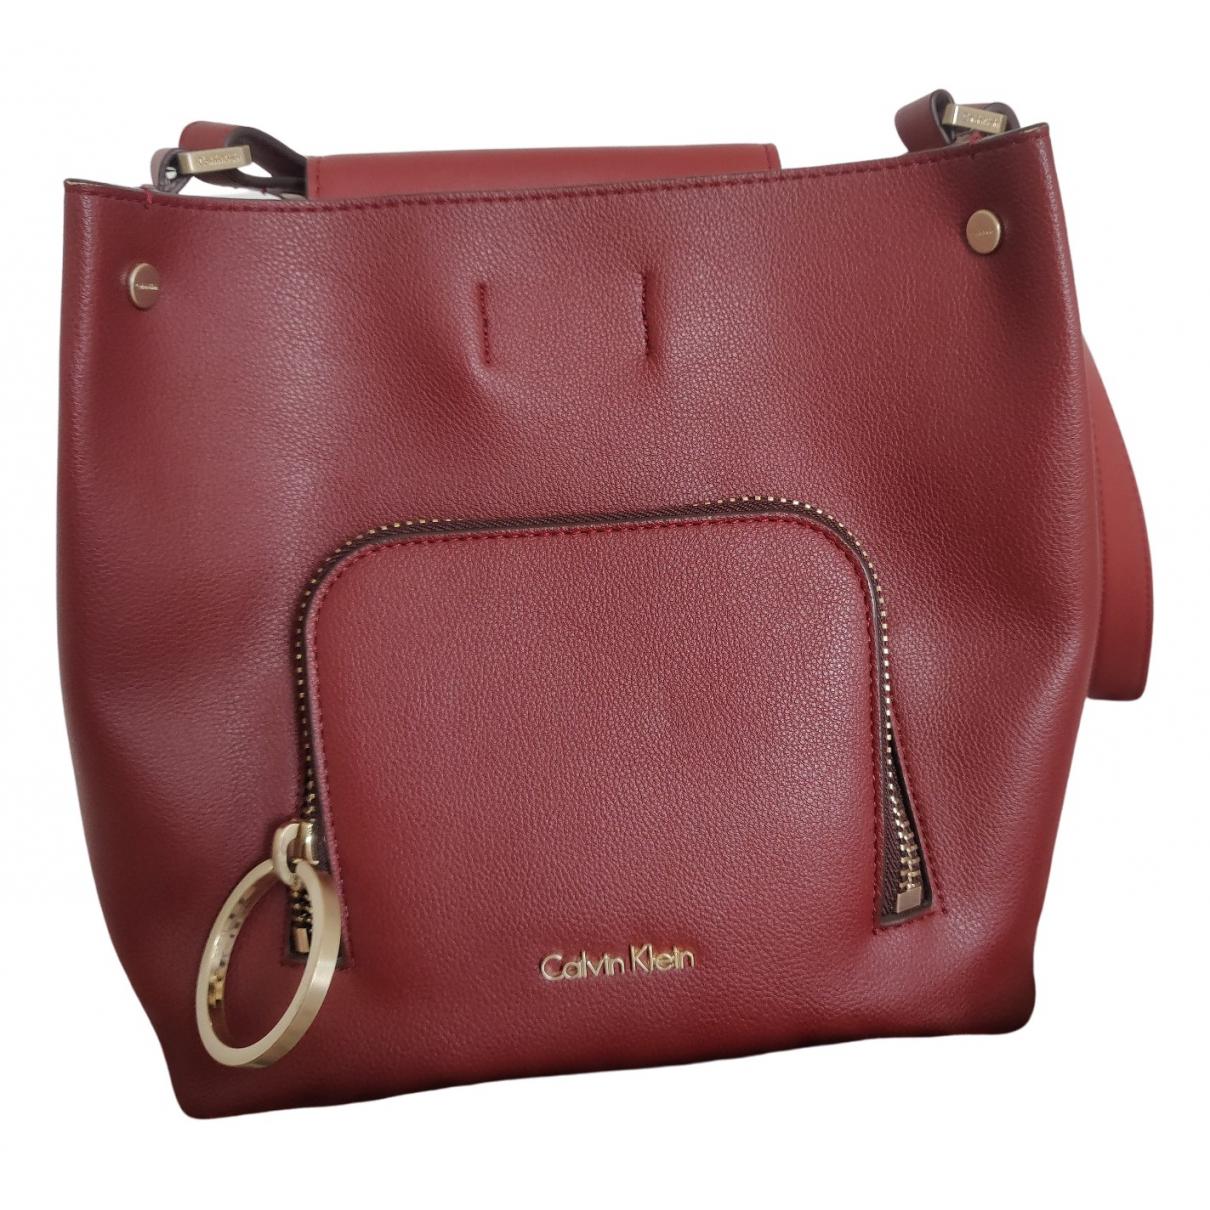 Calvin Klein - Sac a main   pour femme en cuir - camel